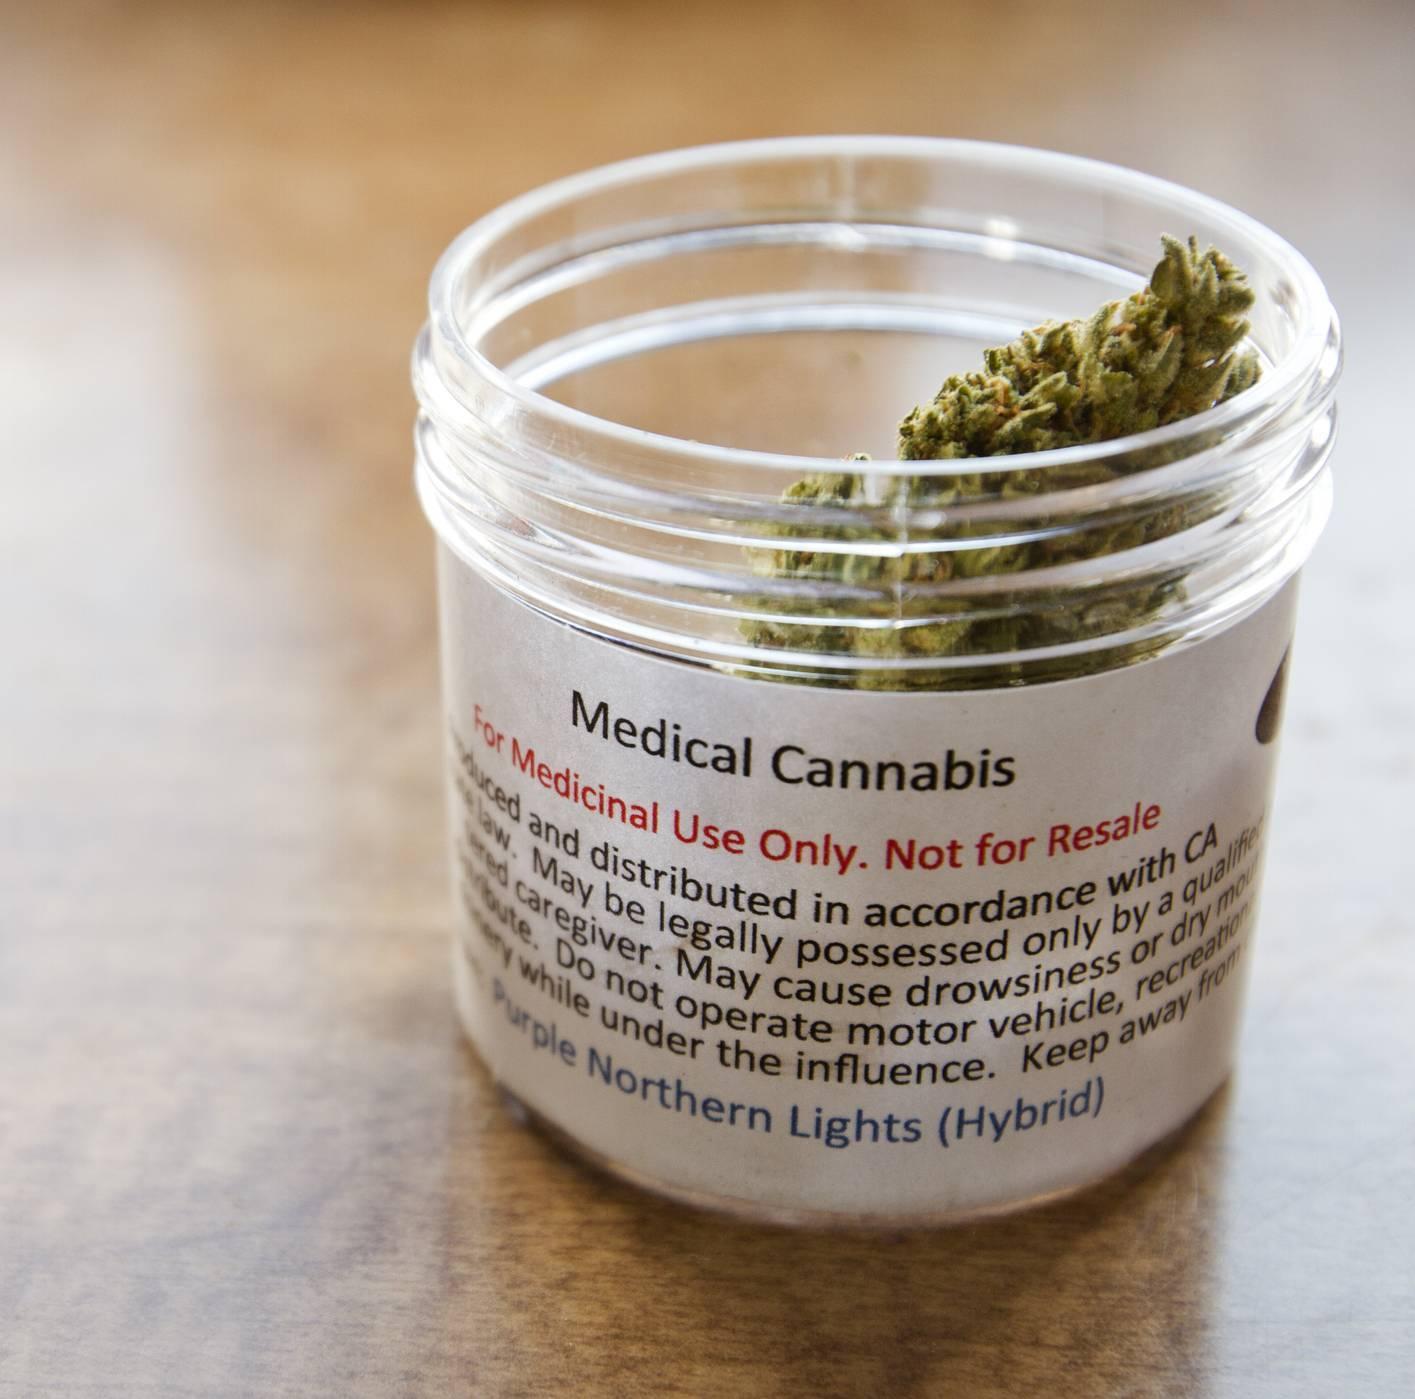 cannabis jar label